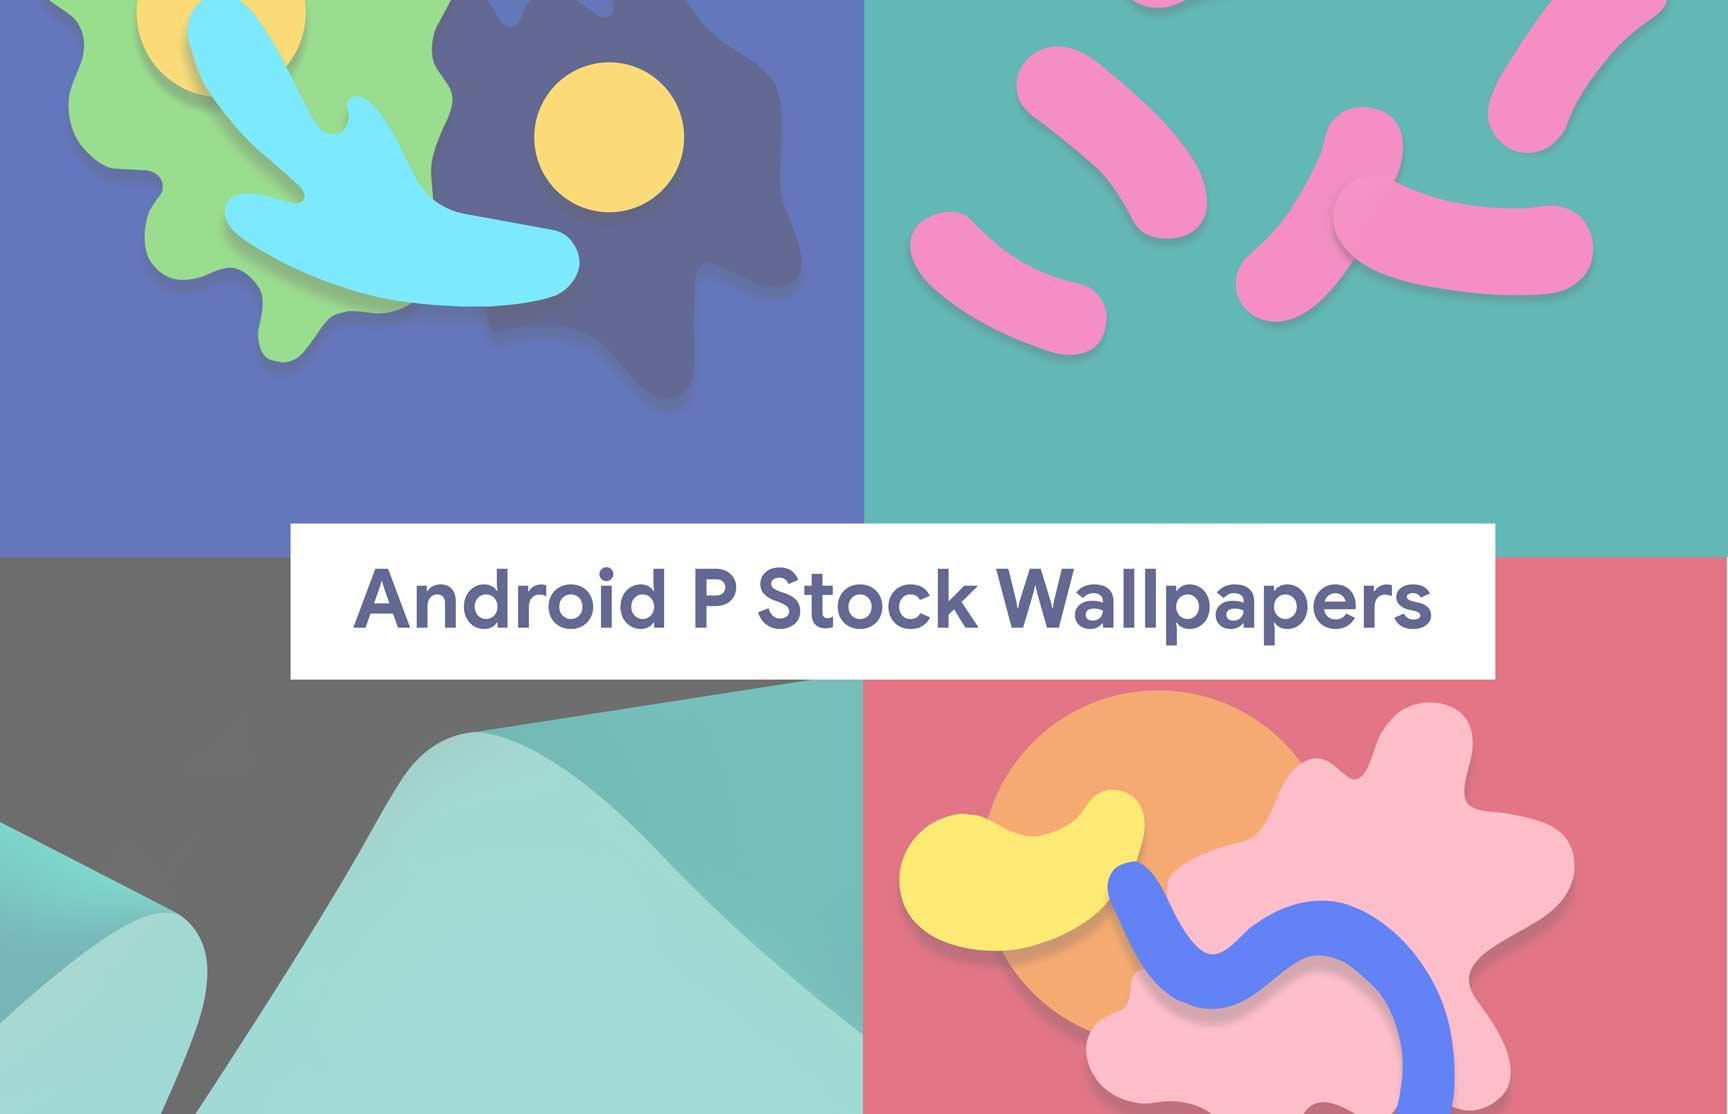 Descargue los últimos fondos de pantalla Android 9.0 Pie Stock